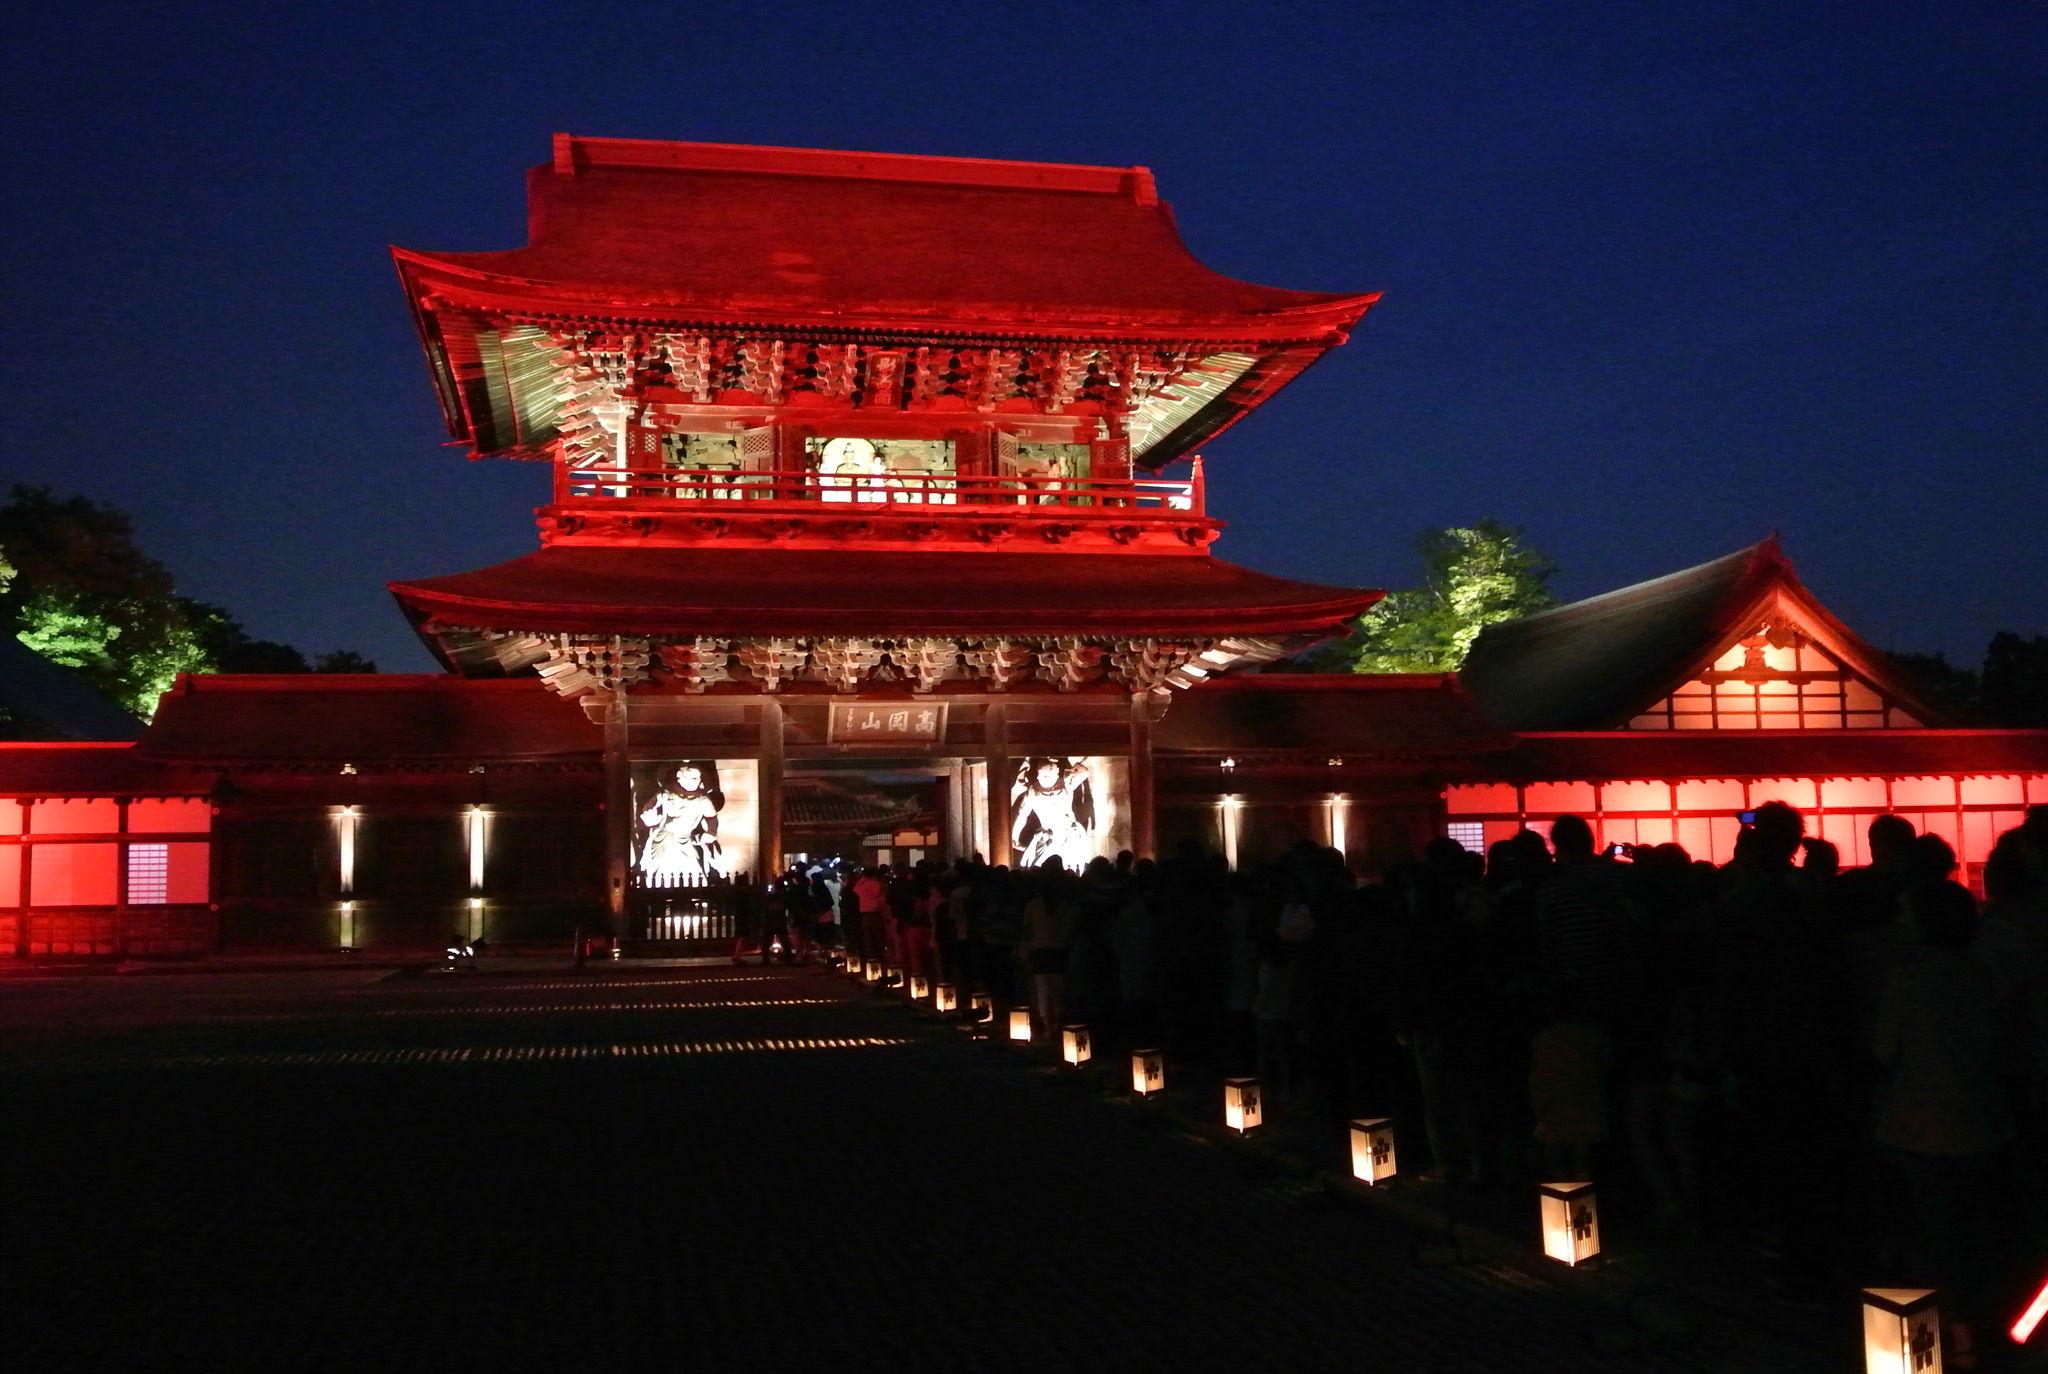 【春のライトアップと門前市】瑞龍寺がプロジェクションマッピング!